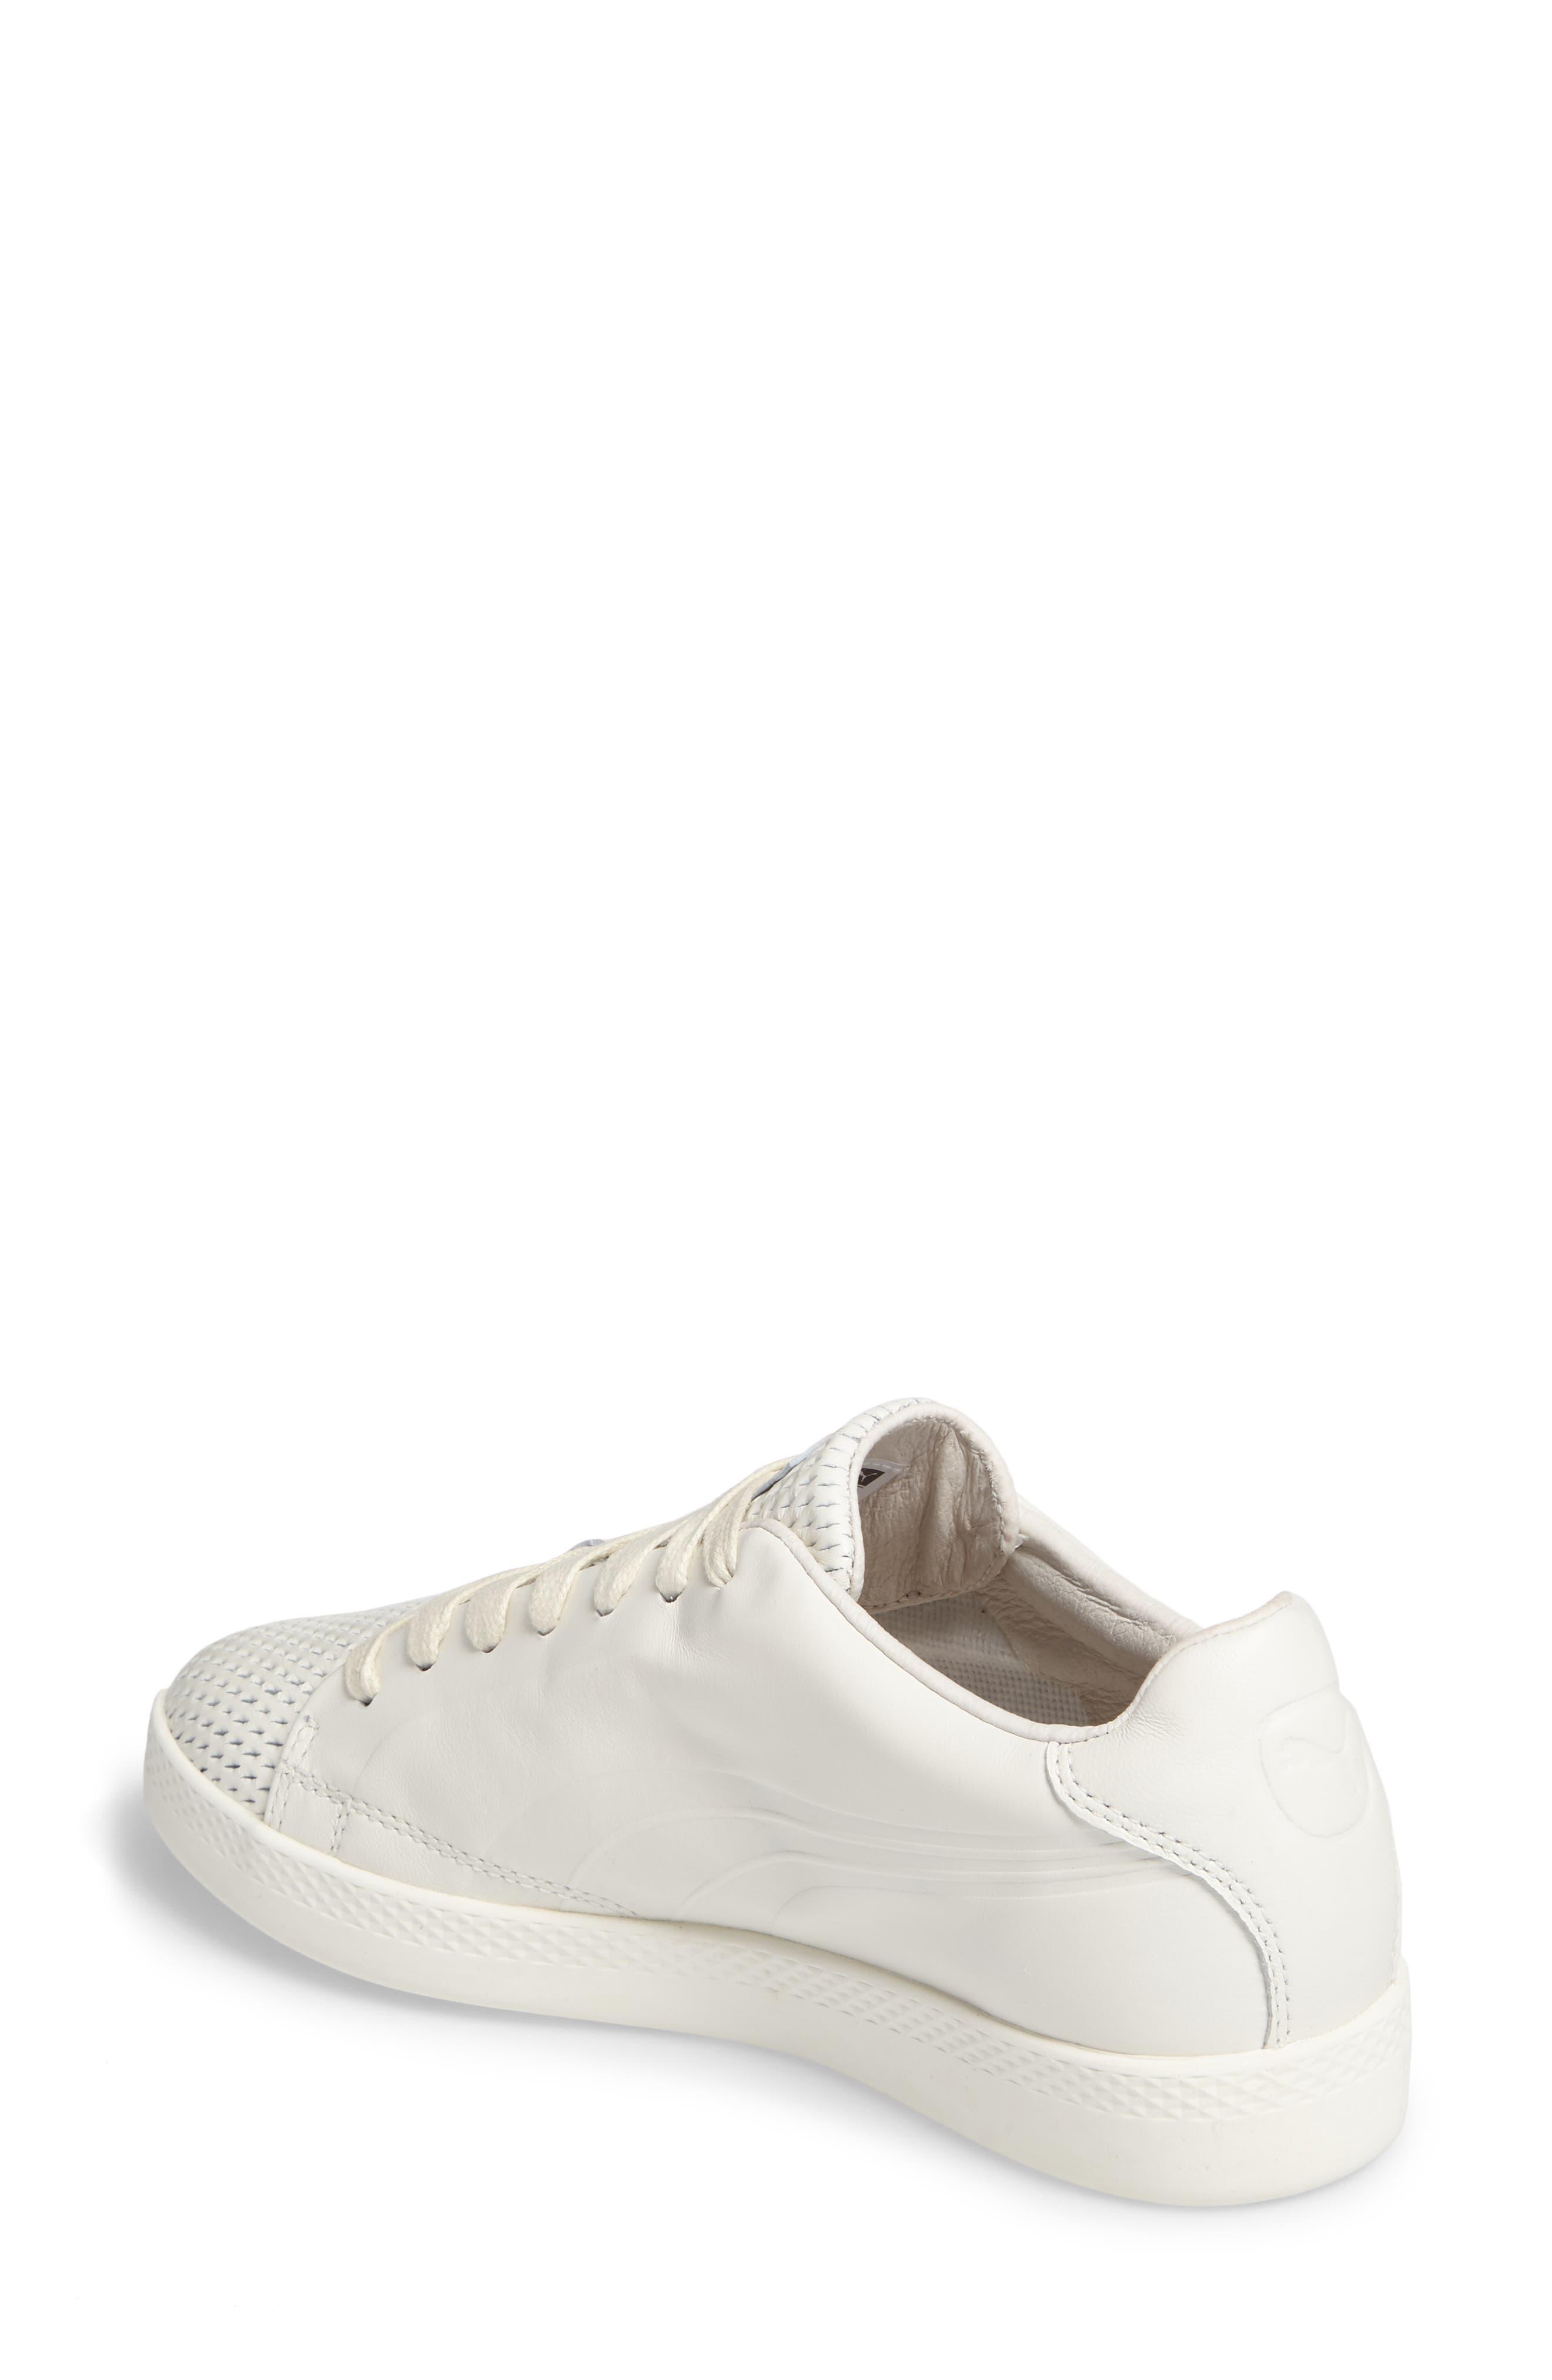 Match Lo Open Sneaker,                             Alternate thumbnail 2, color,                             Whisper White/ Whisper White